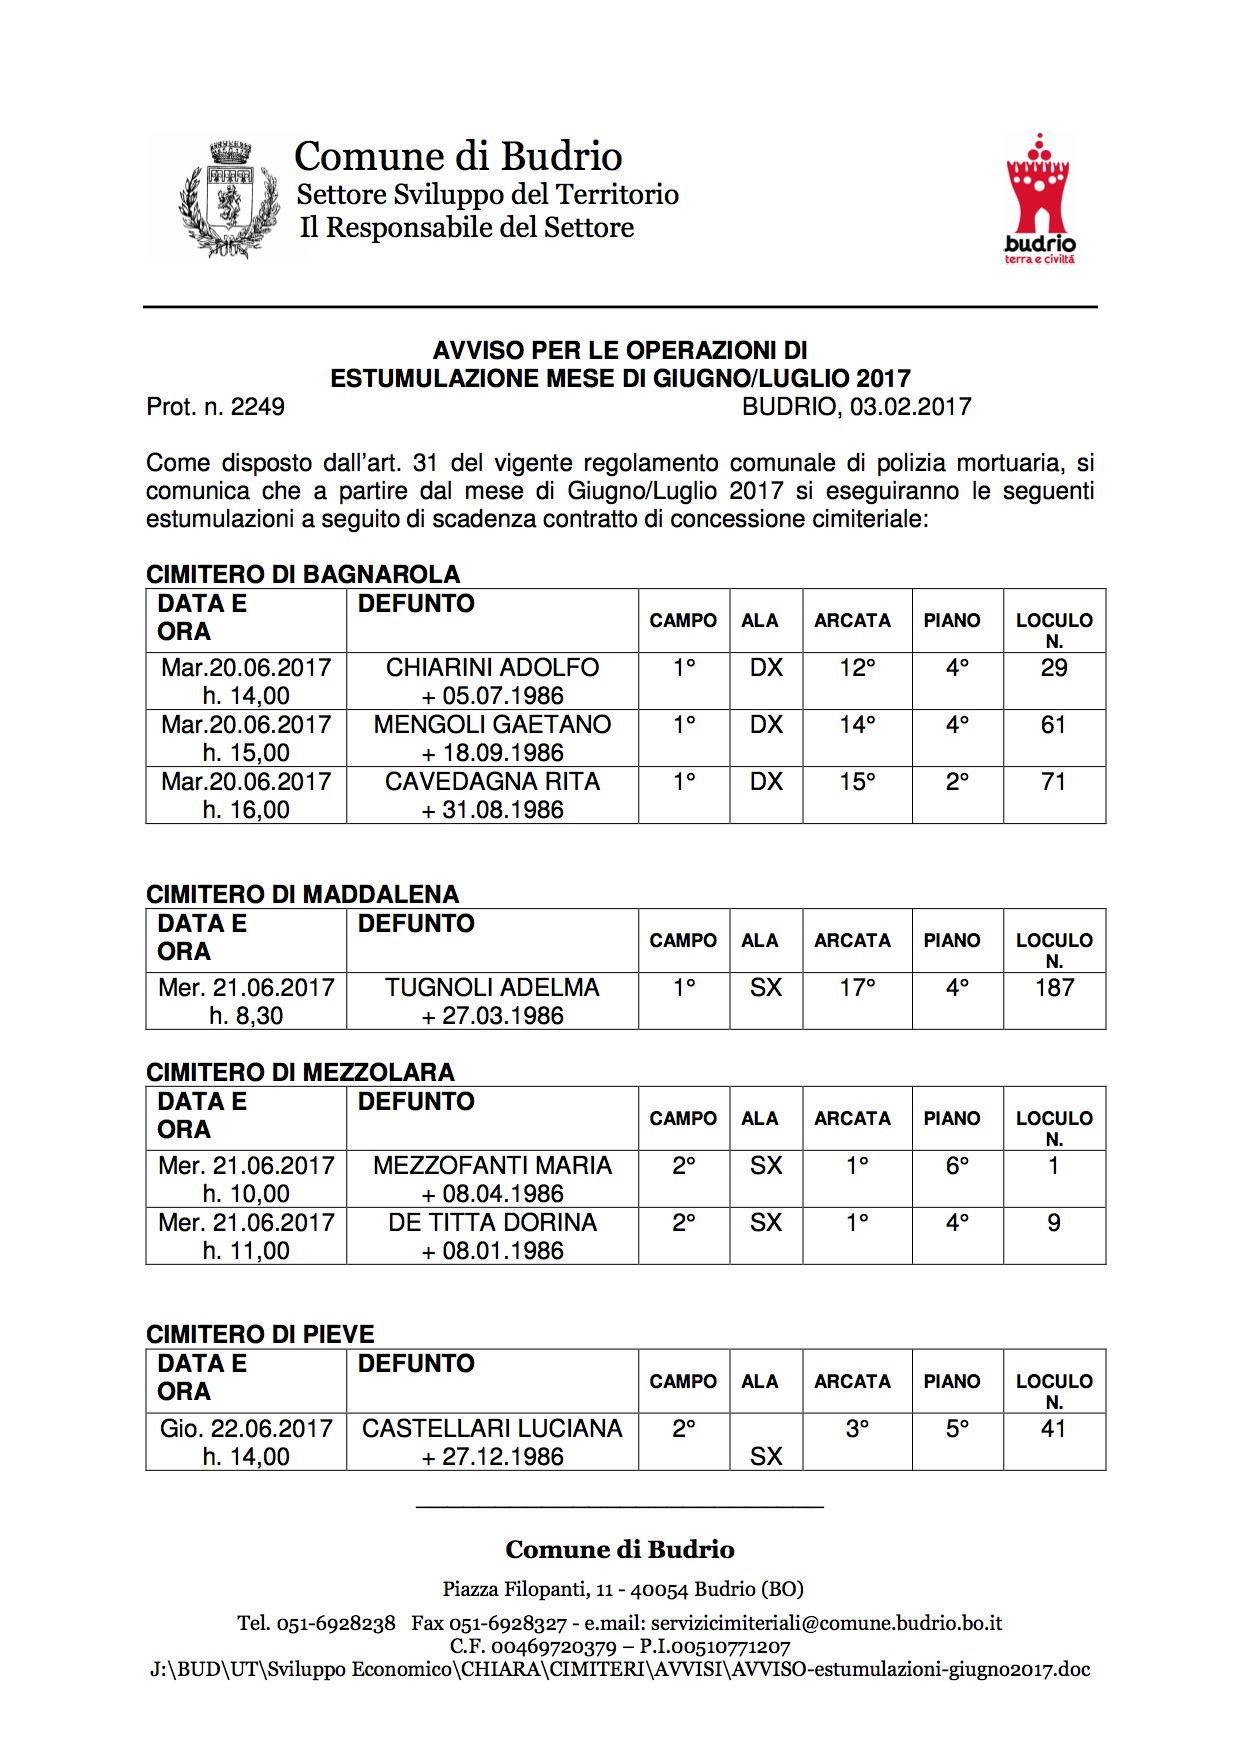 AVVISO-estumulazioni-giugno2017-1.doc